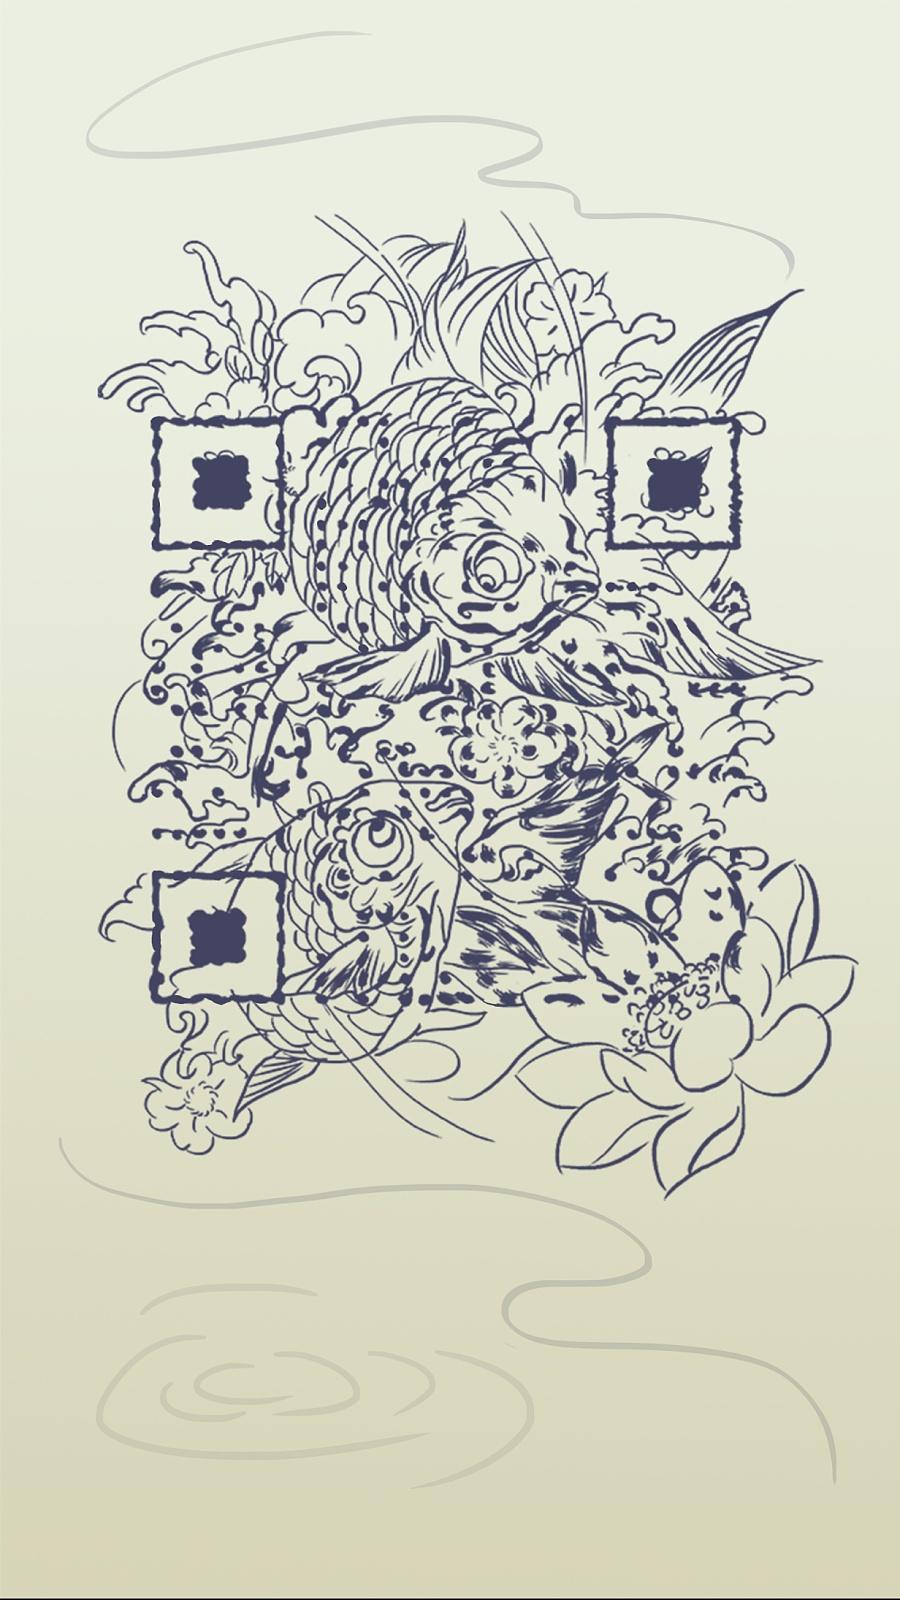 查看《第九工场艺术二维码第七期学员锁屏作品展示》原图,原图尺寸:1232x2190